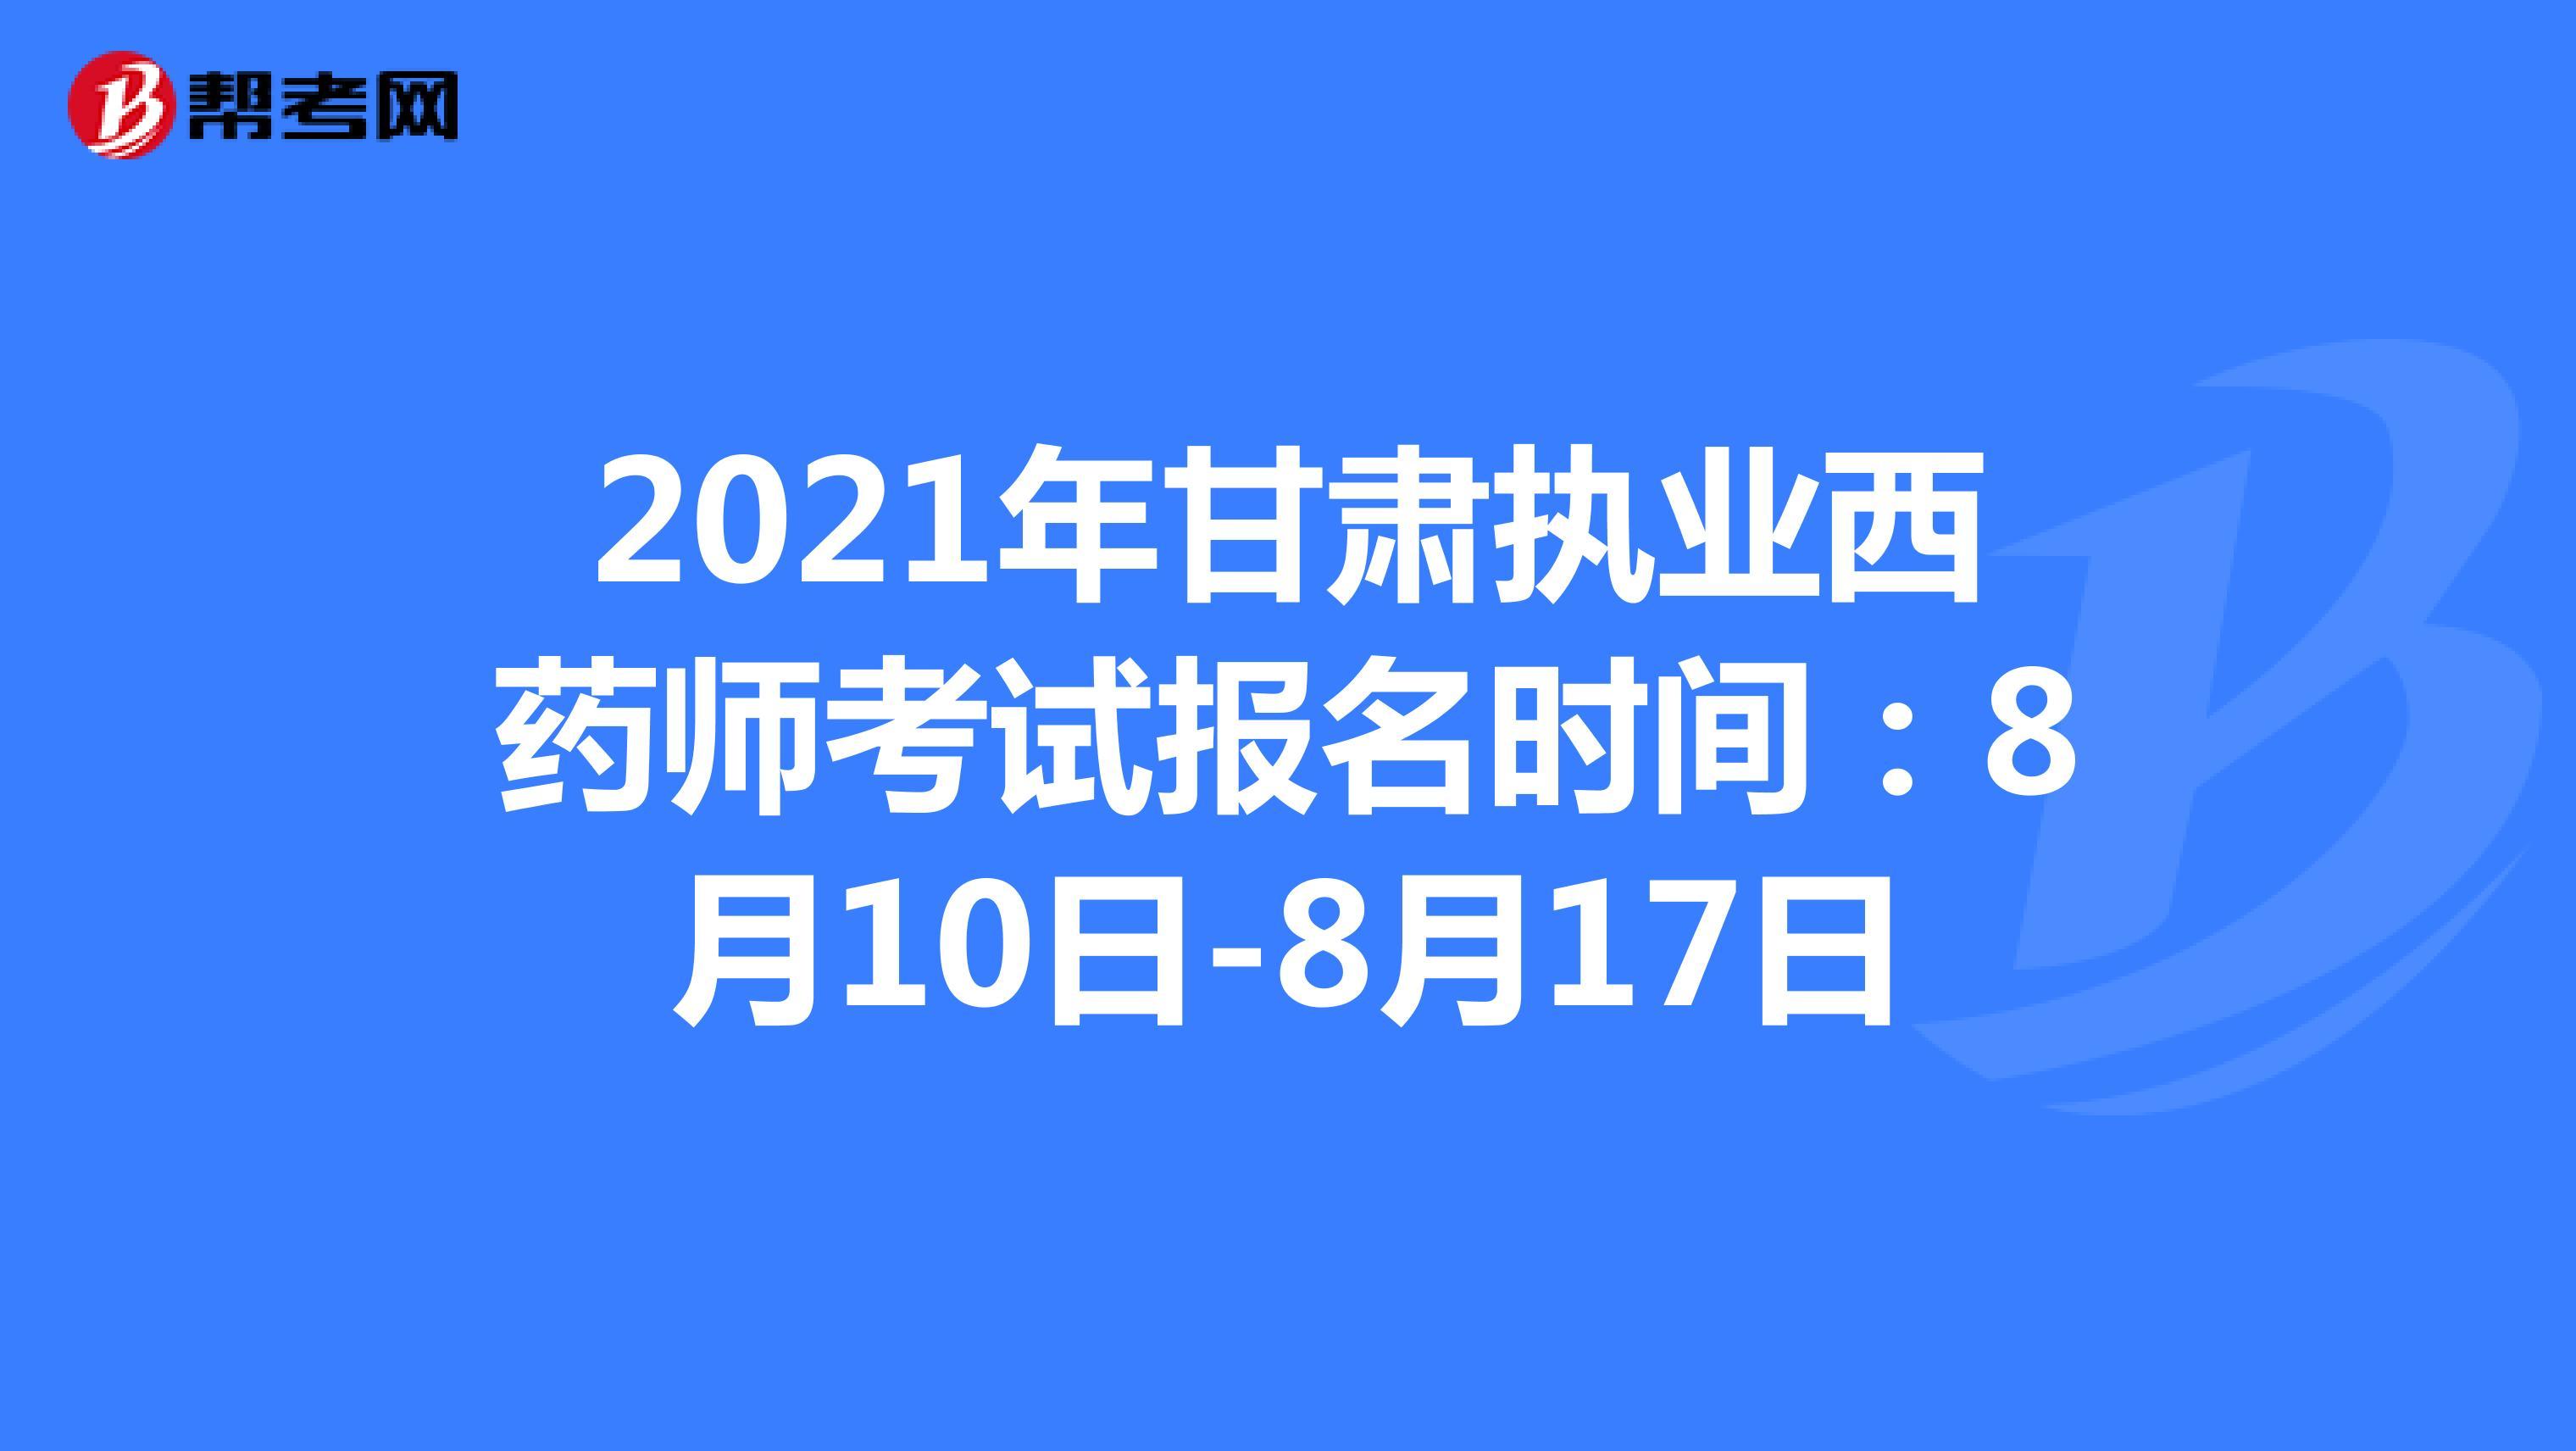 2021年甘肃执业西药师考试报名时间:8月10日-8月17日